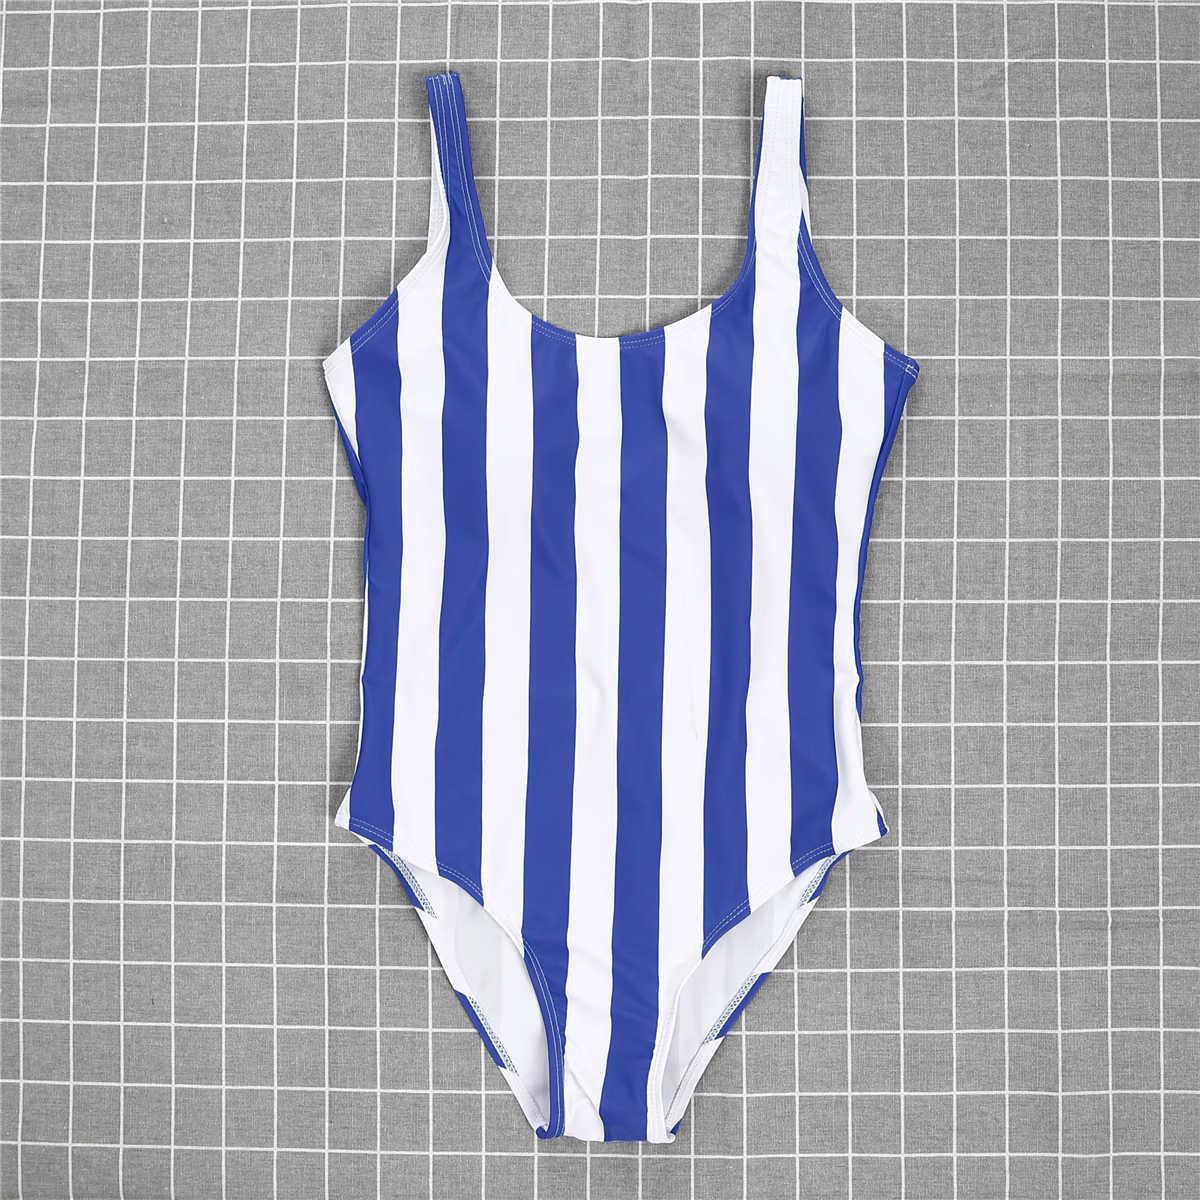 2019 New Sexy Womens Một Mảnh Push Up Độn Monokini Bãi Biển Sọc Backless Đồ Bơi Áo Tắm Mặc Bikini Tắm Phù Hợp Với Beachwear